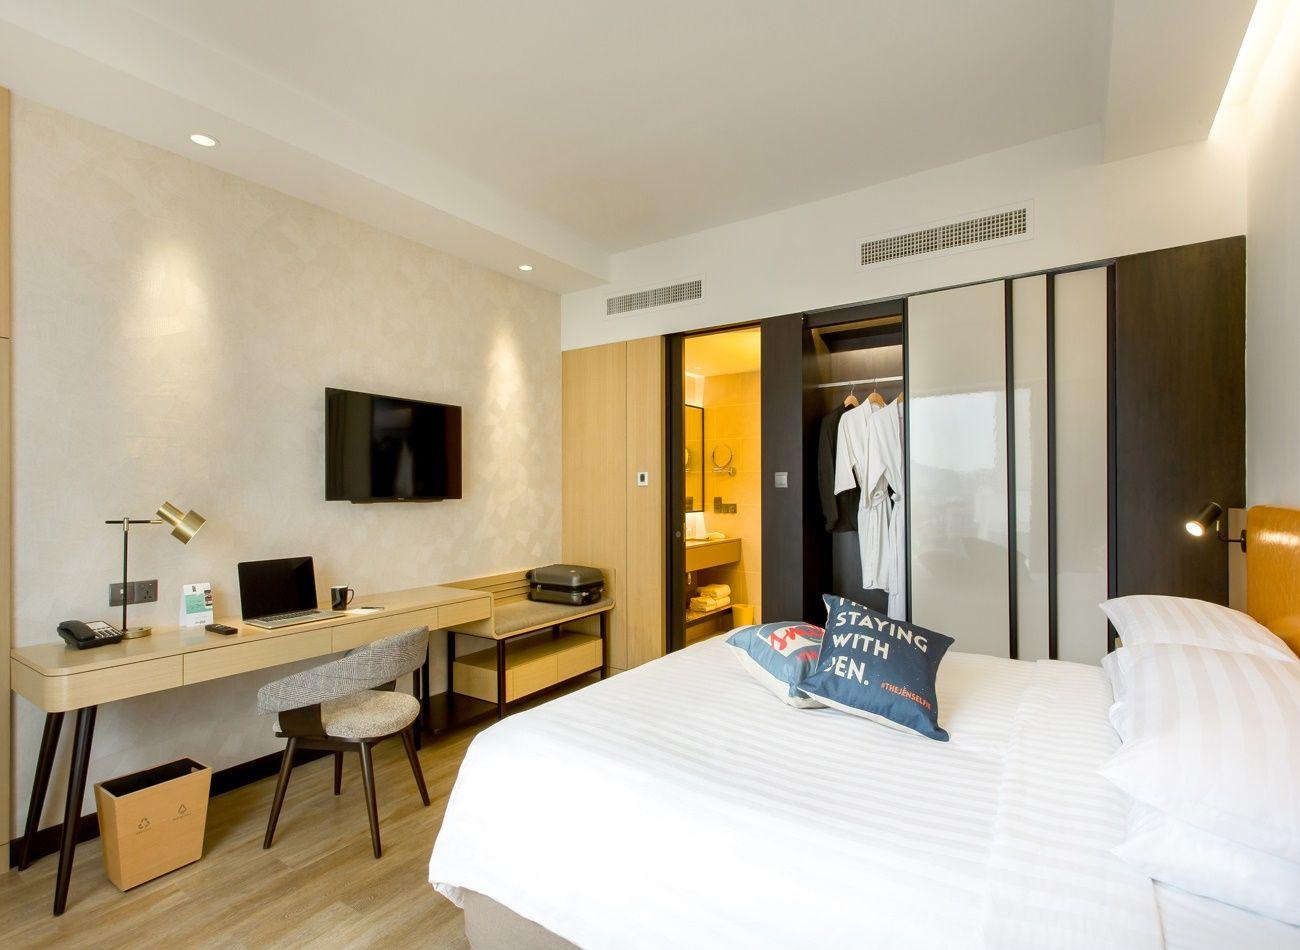 Photos And Videos Hotel Jen Penang Hotels Room Hotel Penang